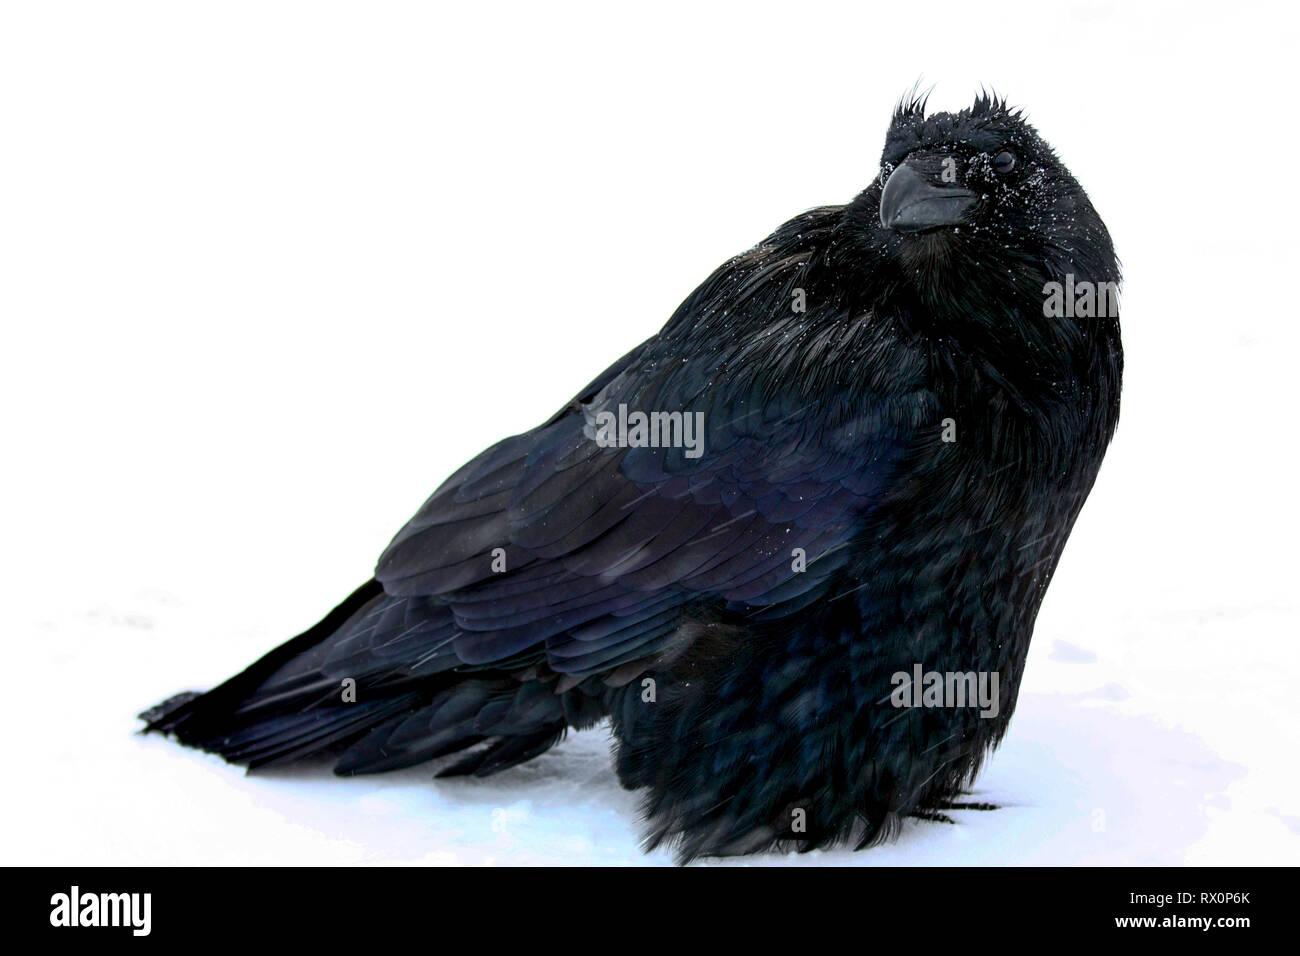 40,524.02017 - schöner großer schwarzer Vogel Rabe (Corvus Corax, Corvidae - 20' langen Schnabel Schwanzspitze), stehend im Schneesturm -22°F Jasper, Canada, BC Stockbild